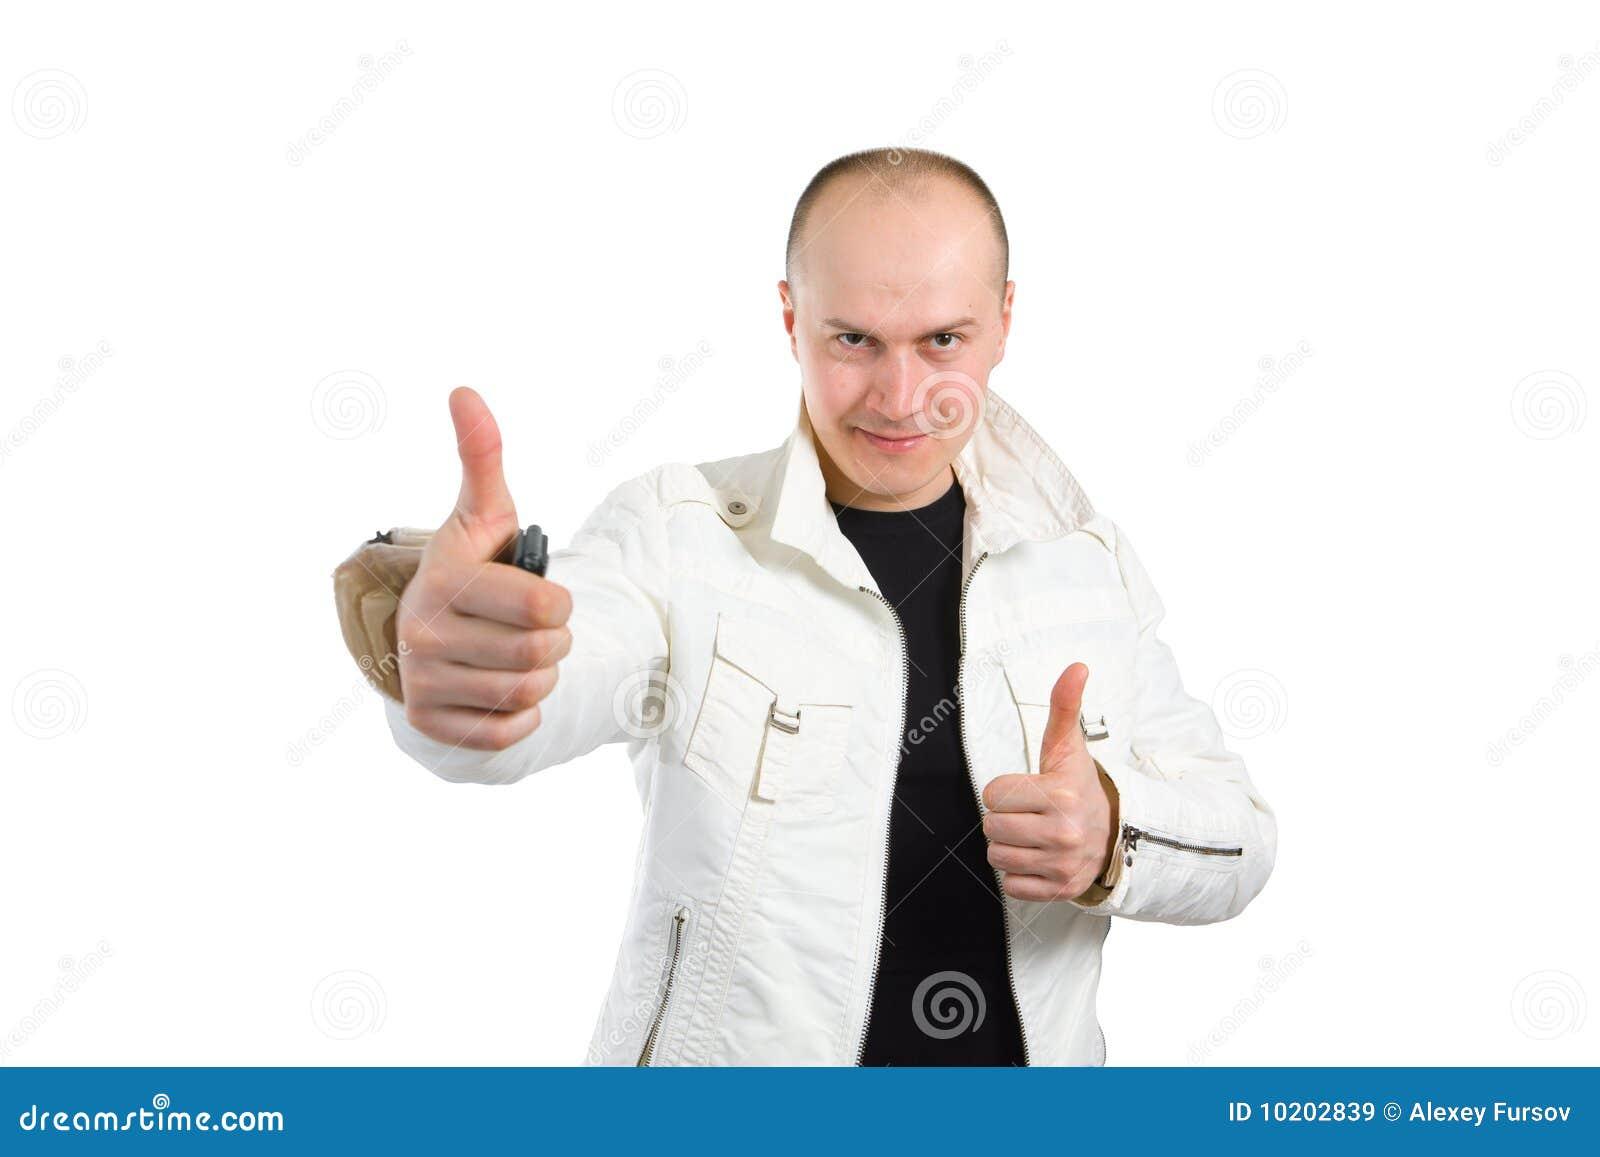 его фото человека thumbs вверх